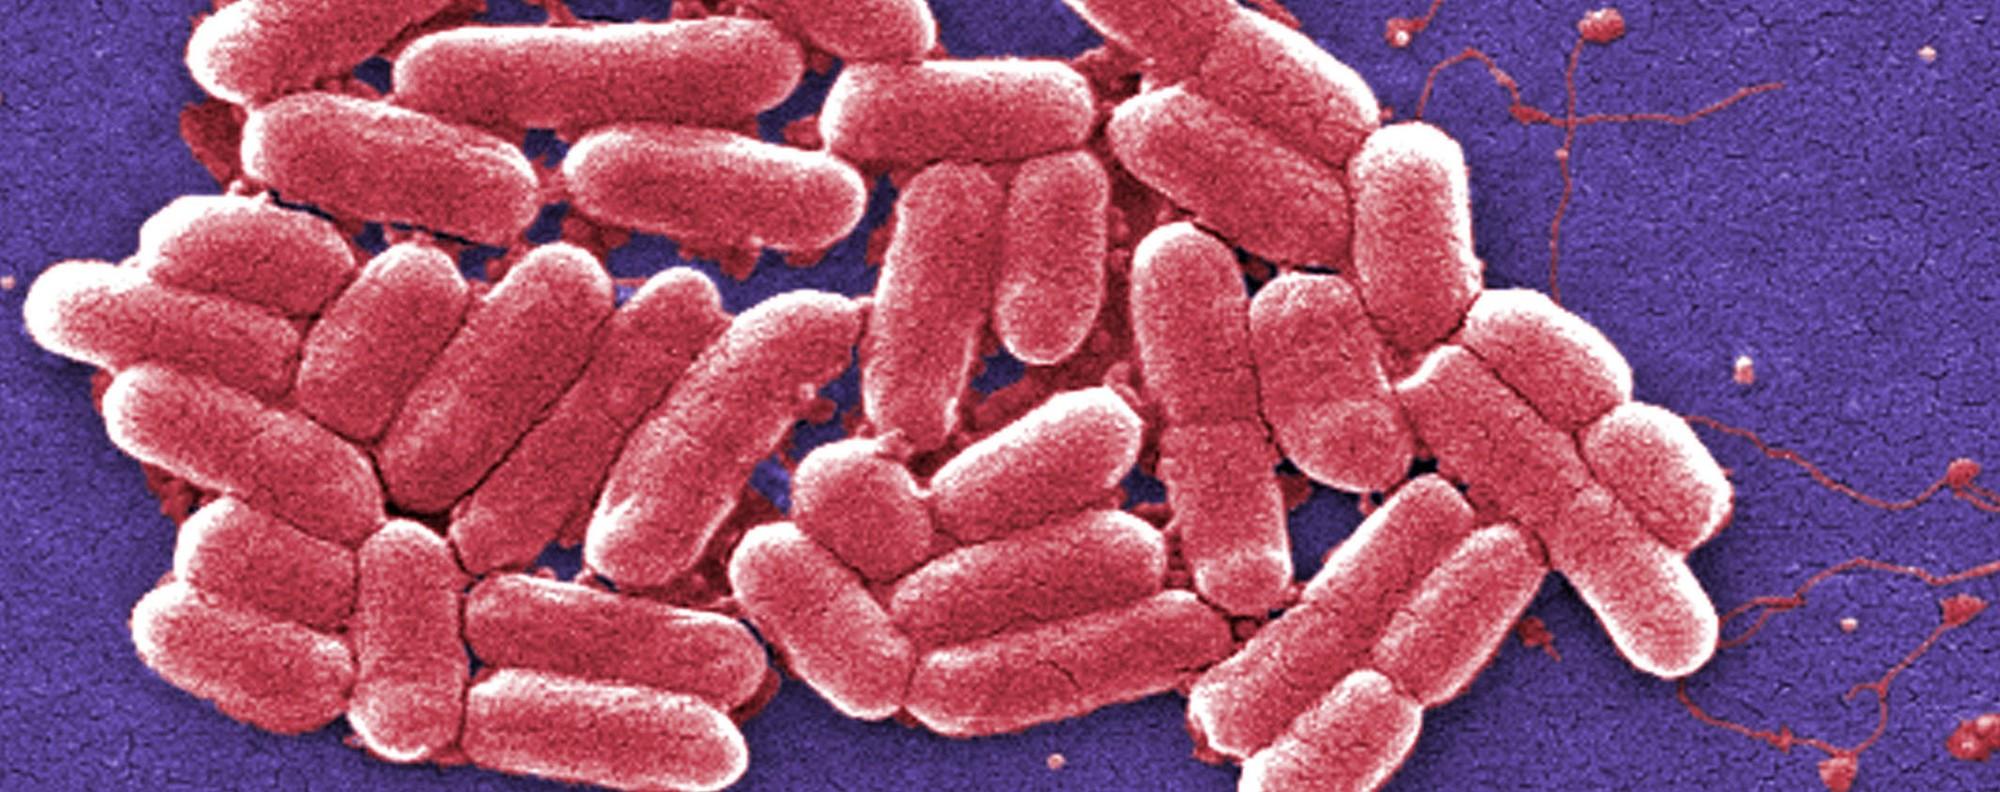 E. coli bacteria. Picture: AP